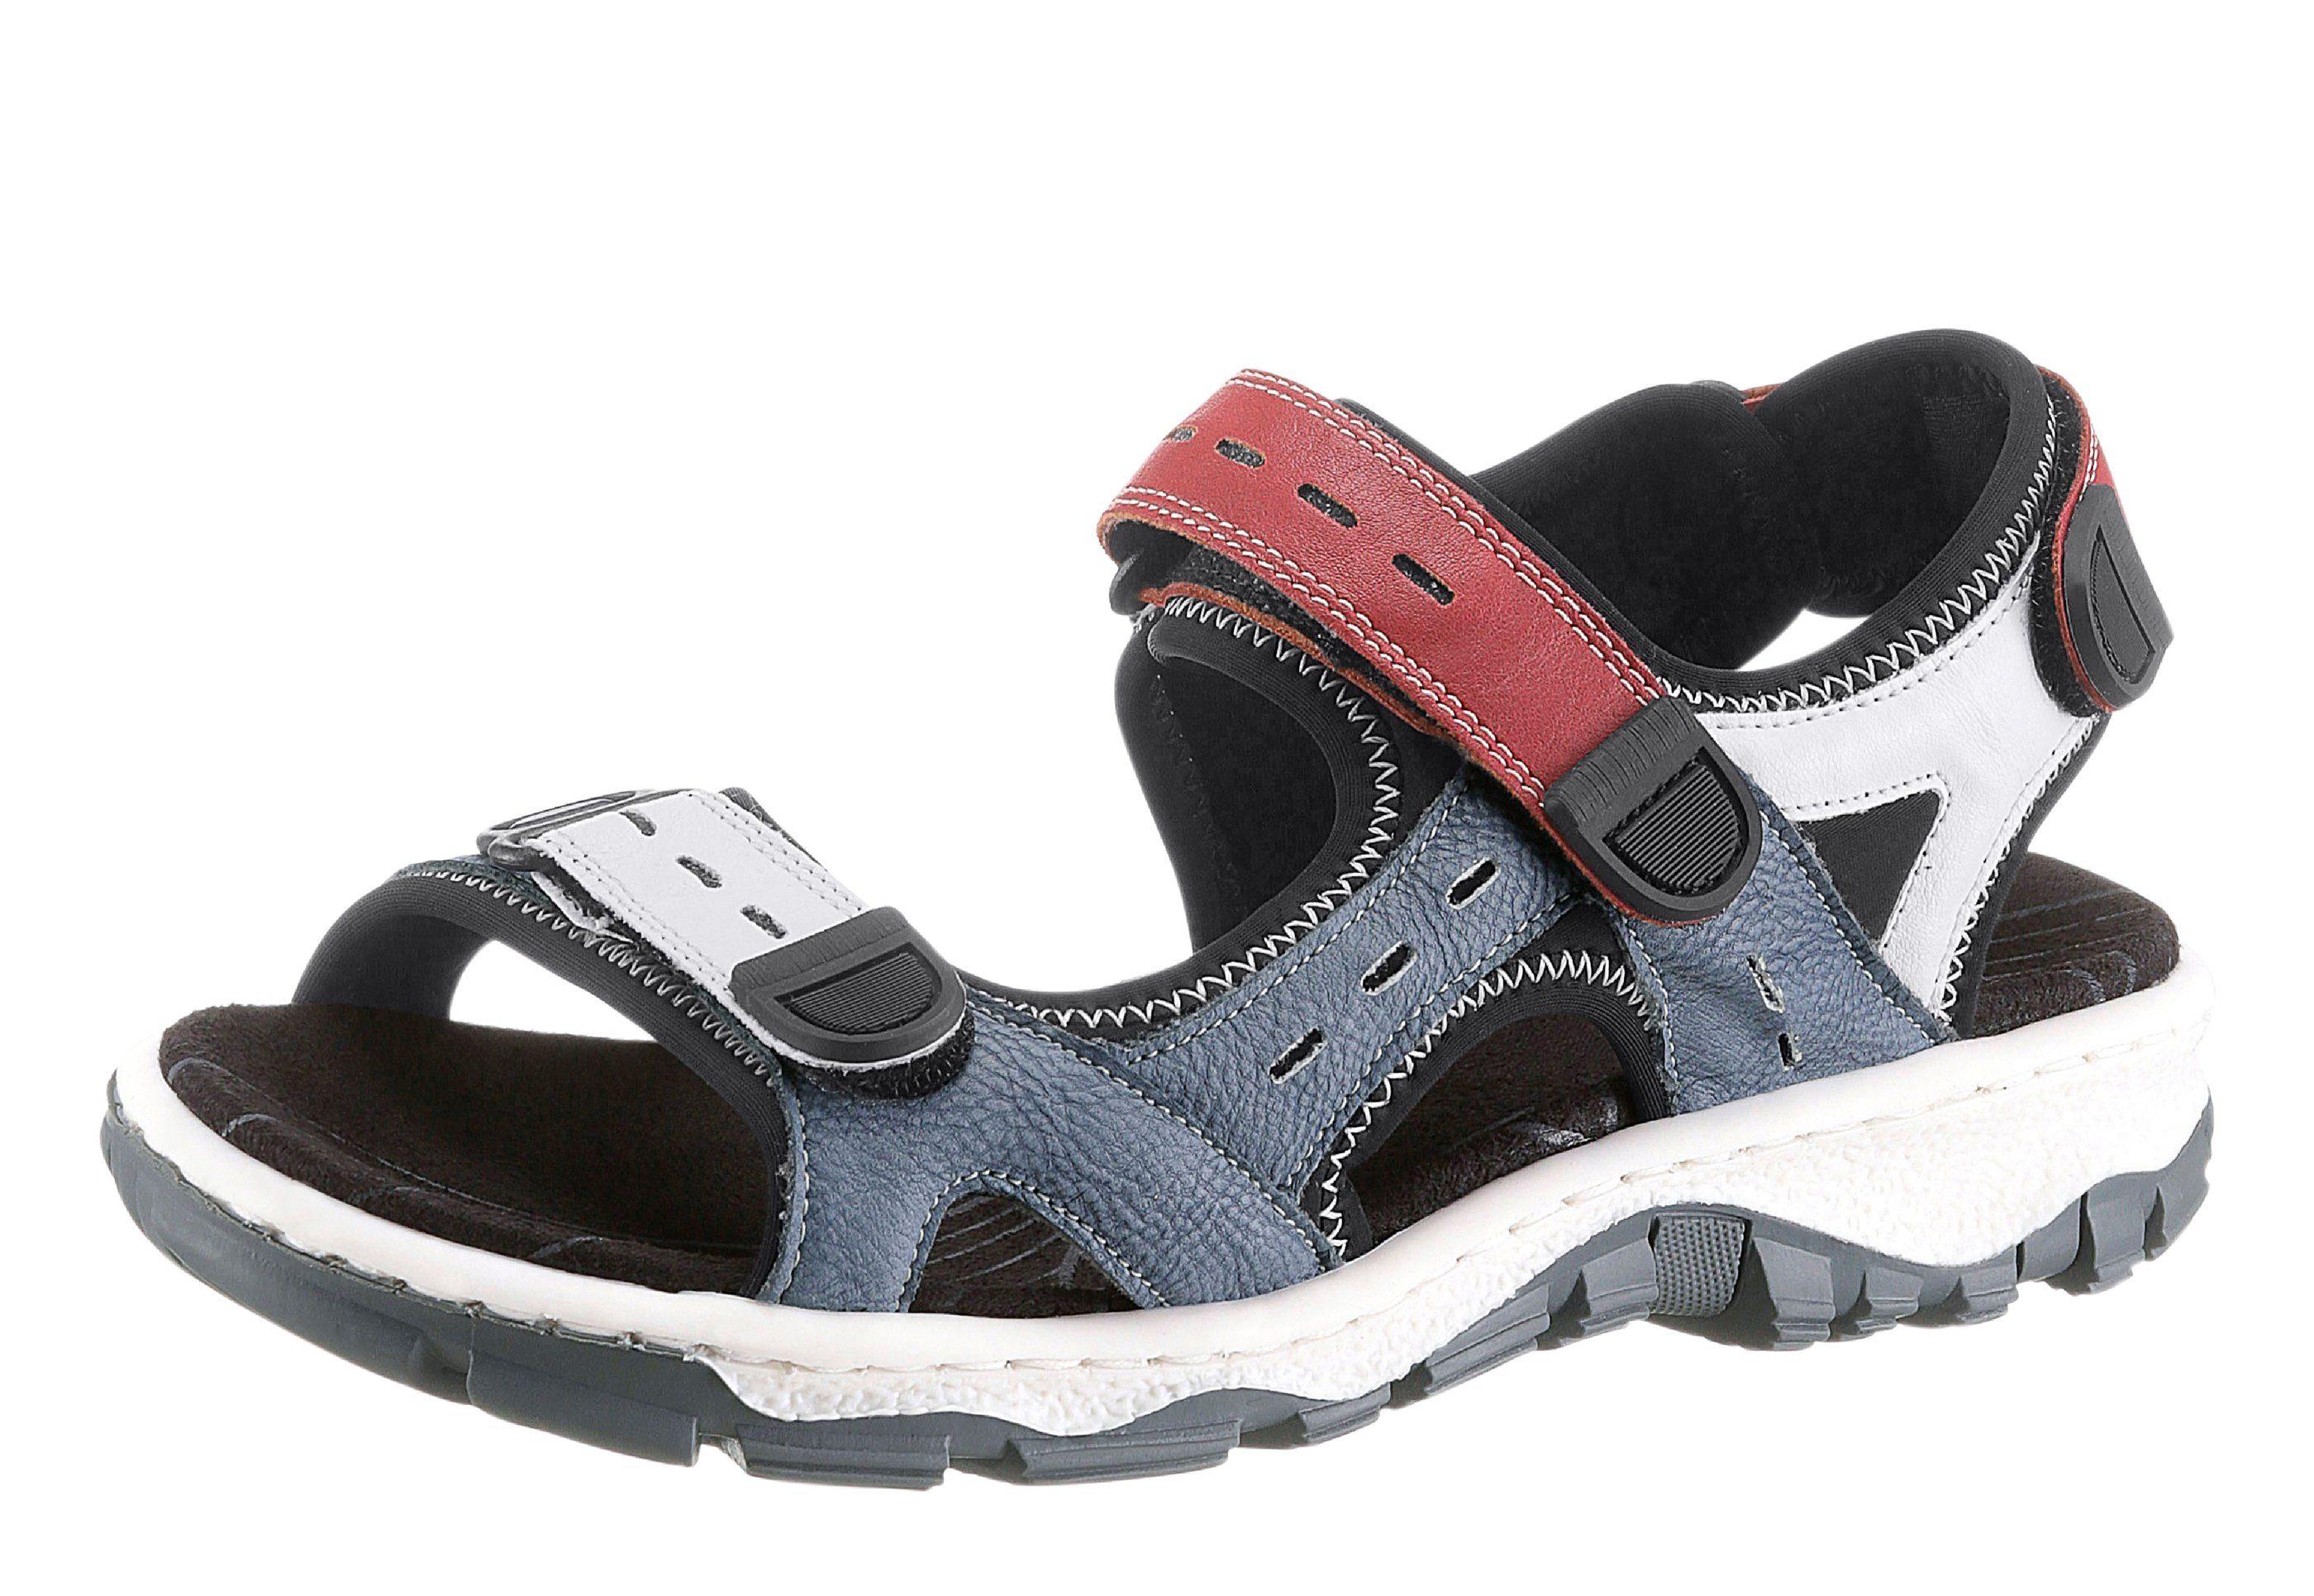 Rieker Sandalette mit rutschhemmender TR-Laufsohle  blau-weiß